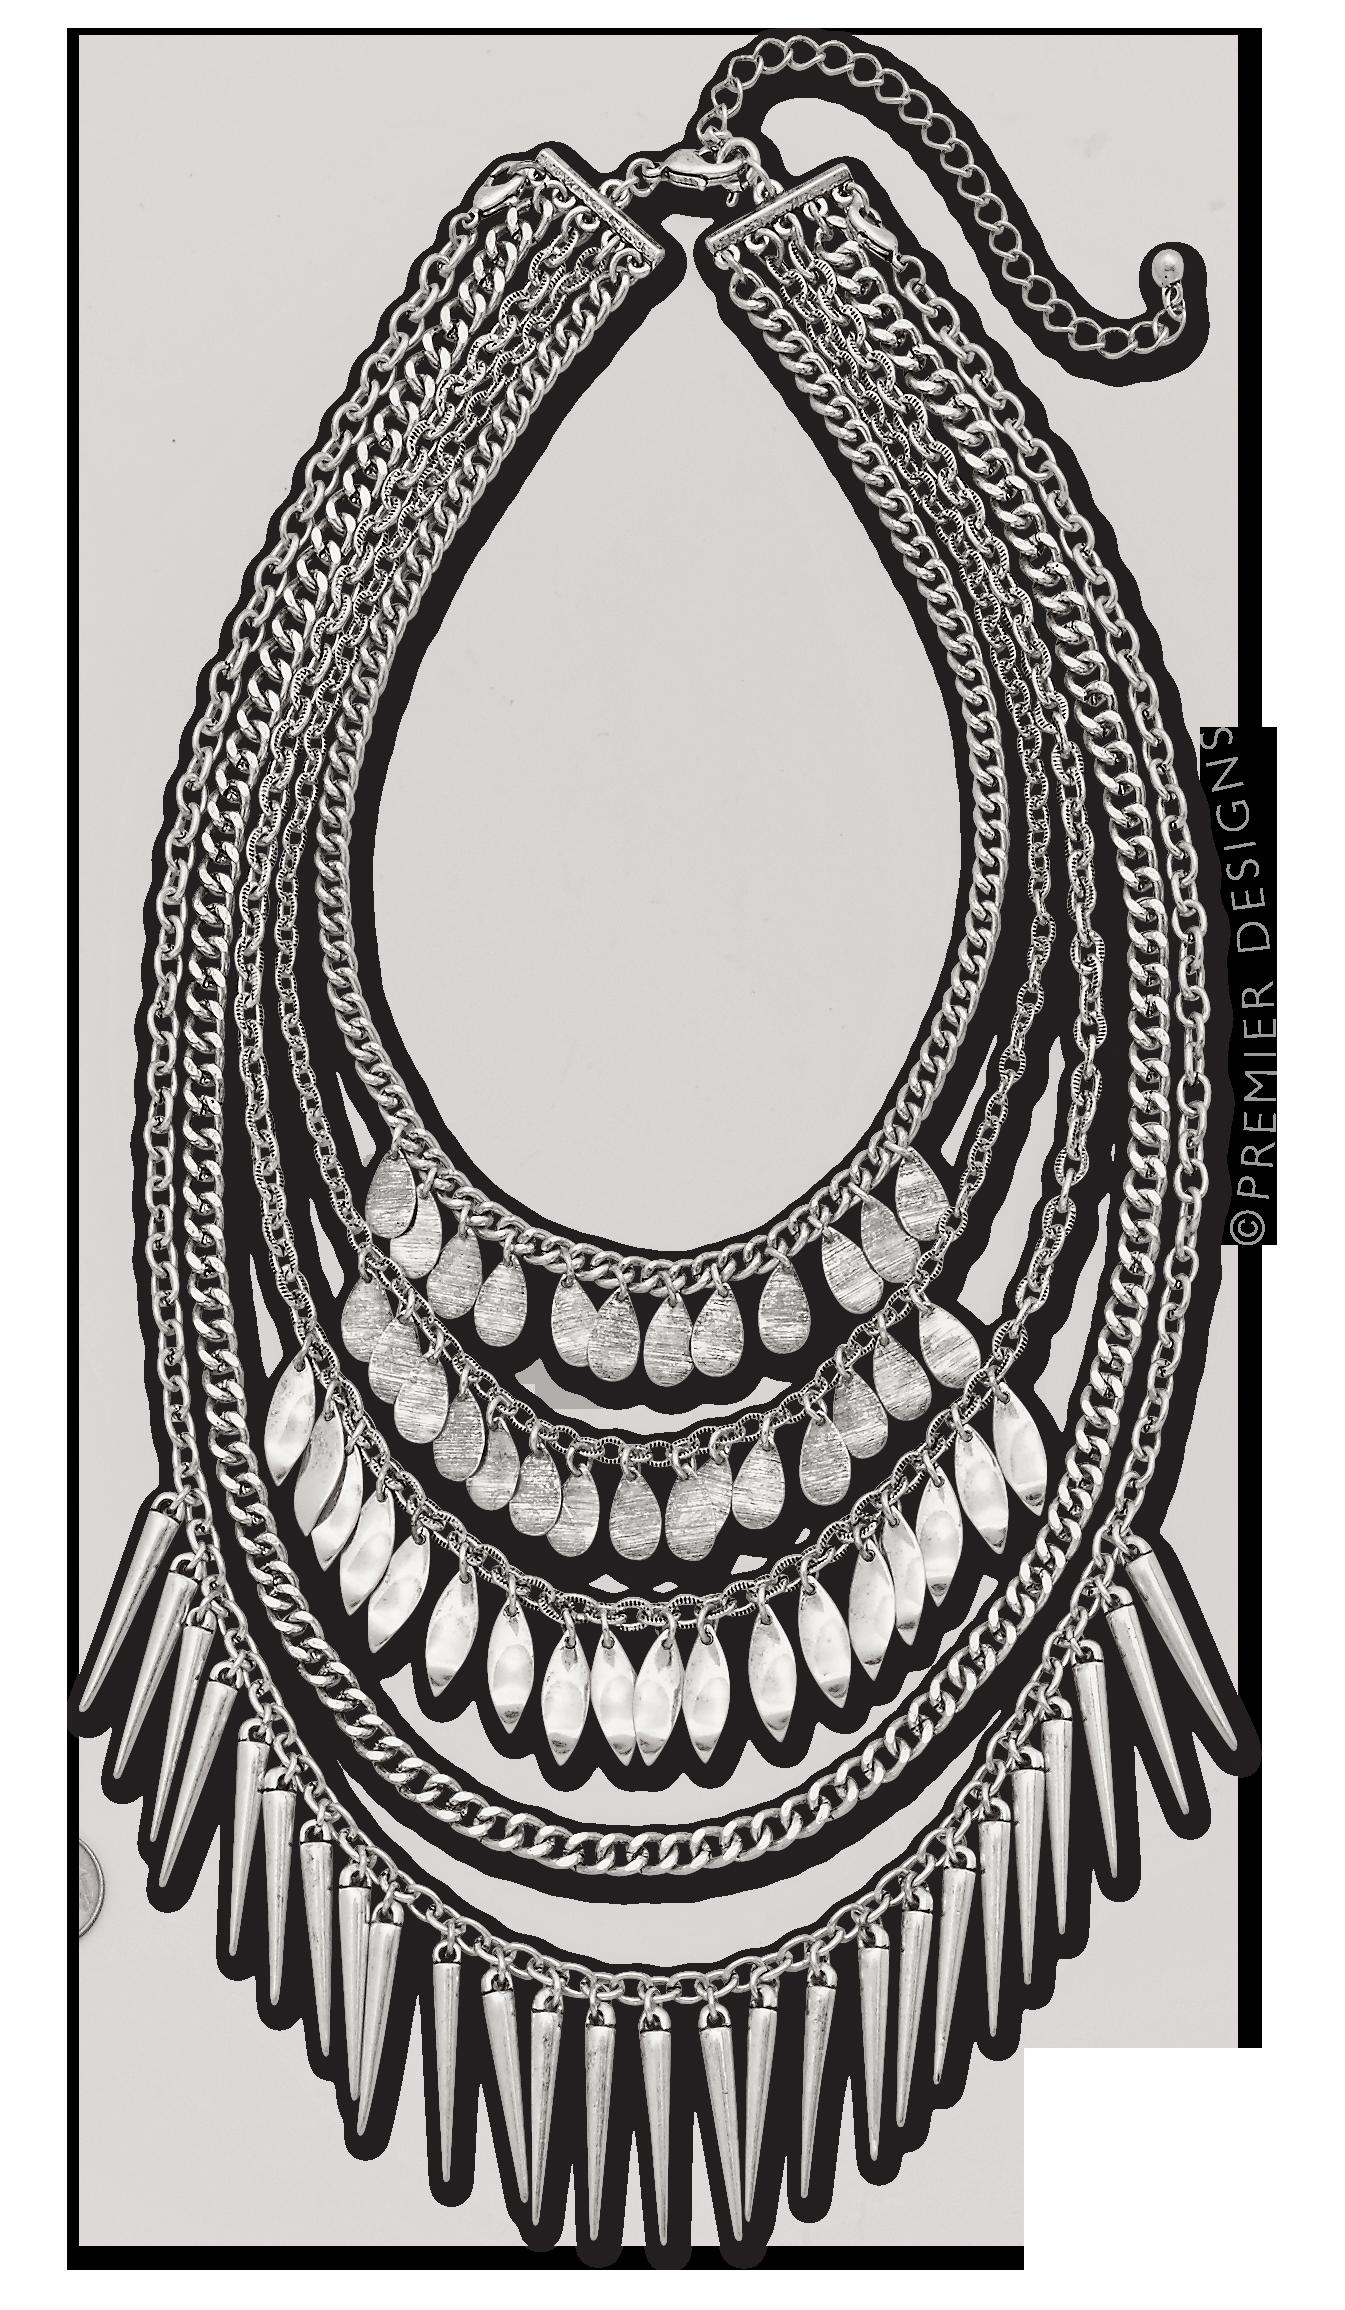 Premier designs jewelry 2015 - Premier Designs Jewelry With Kimberly Ocjewelrylady Hotmail Com